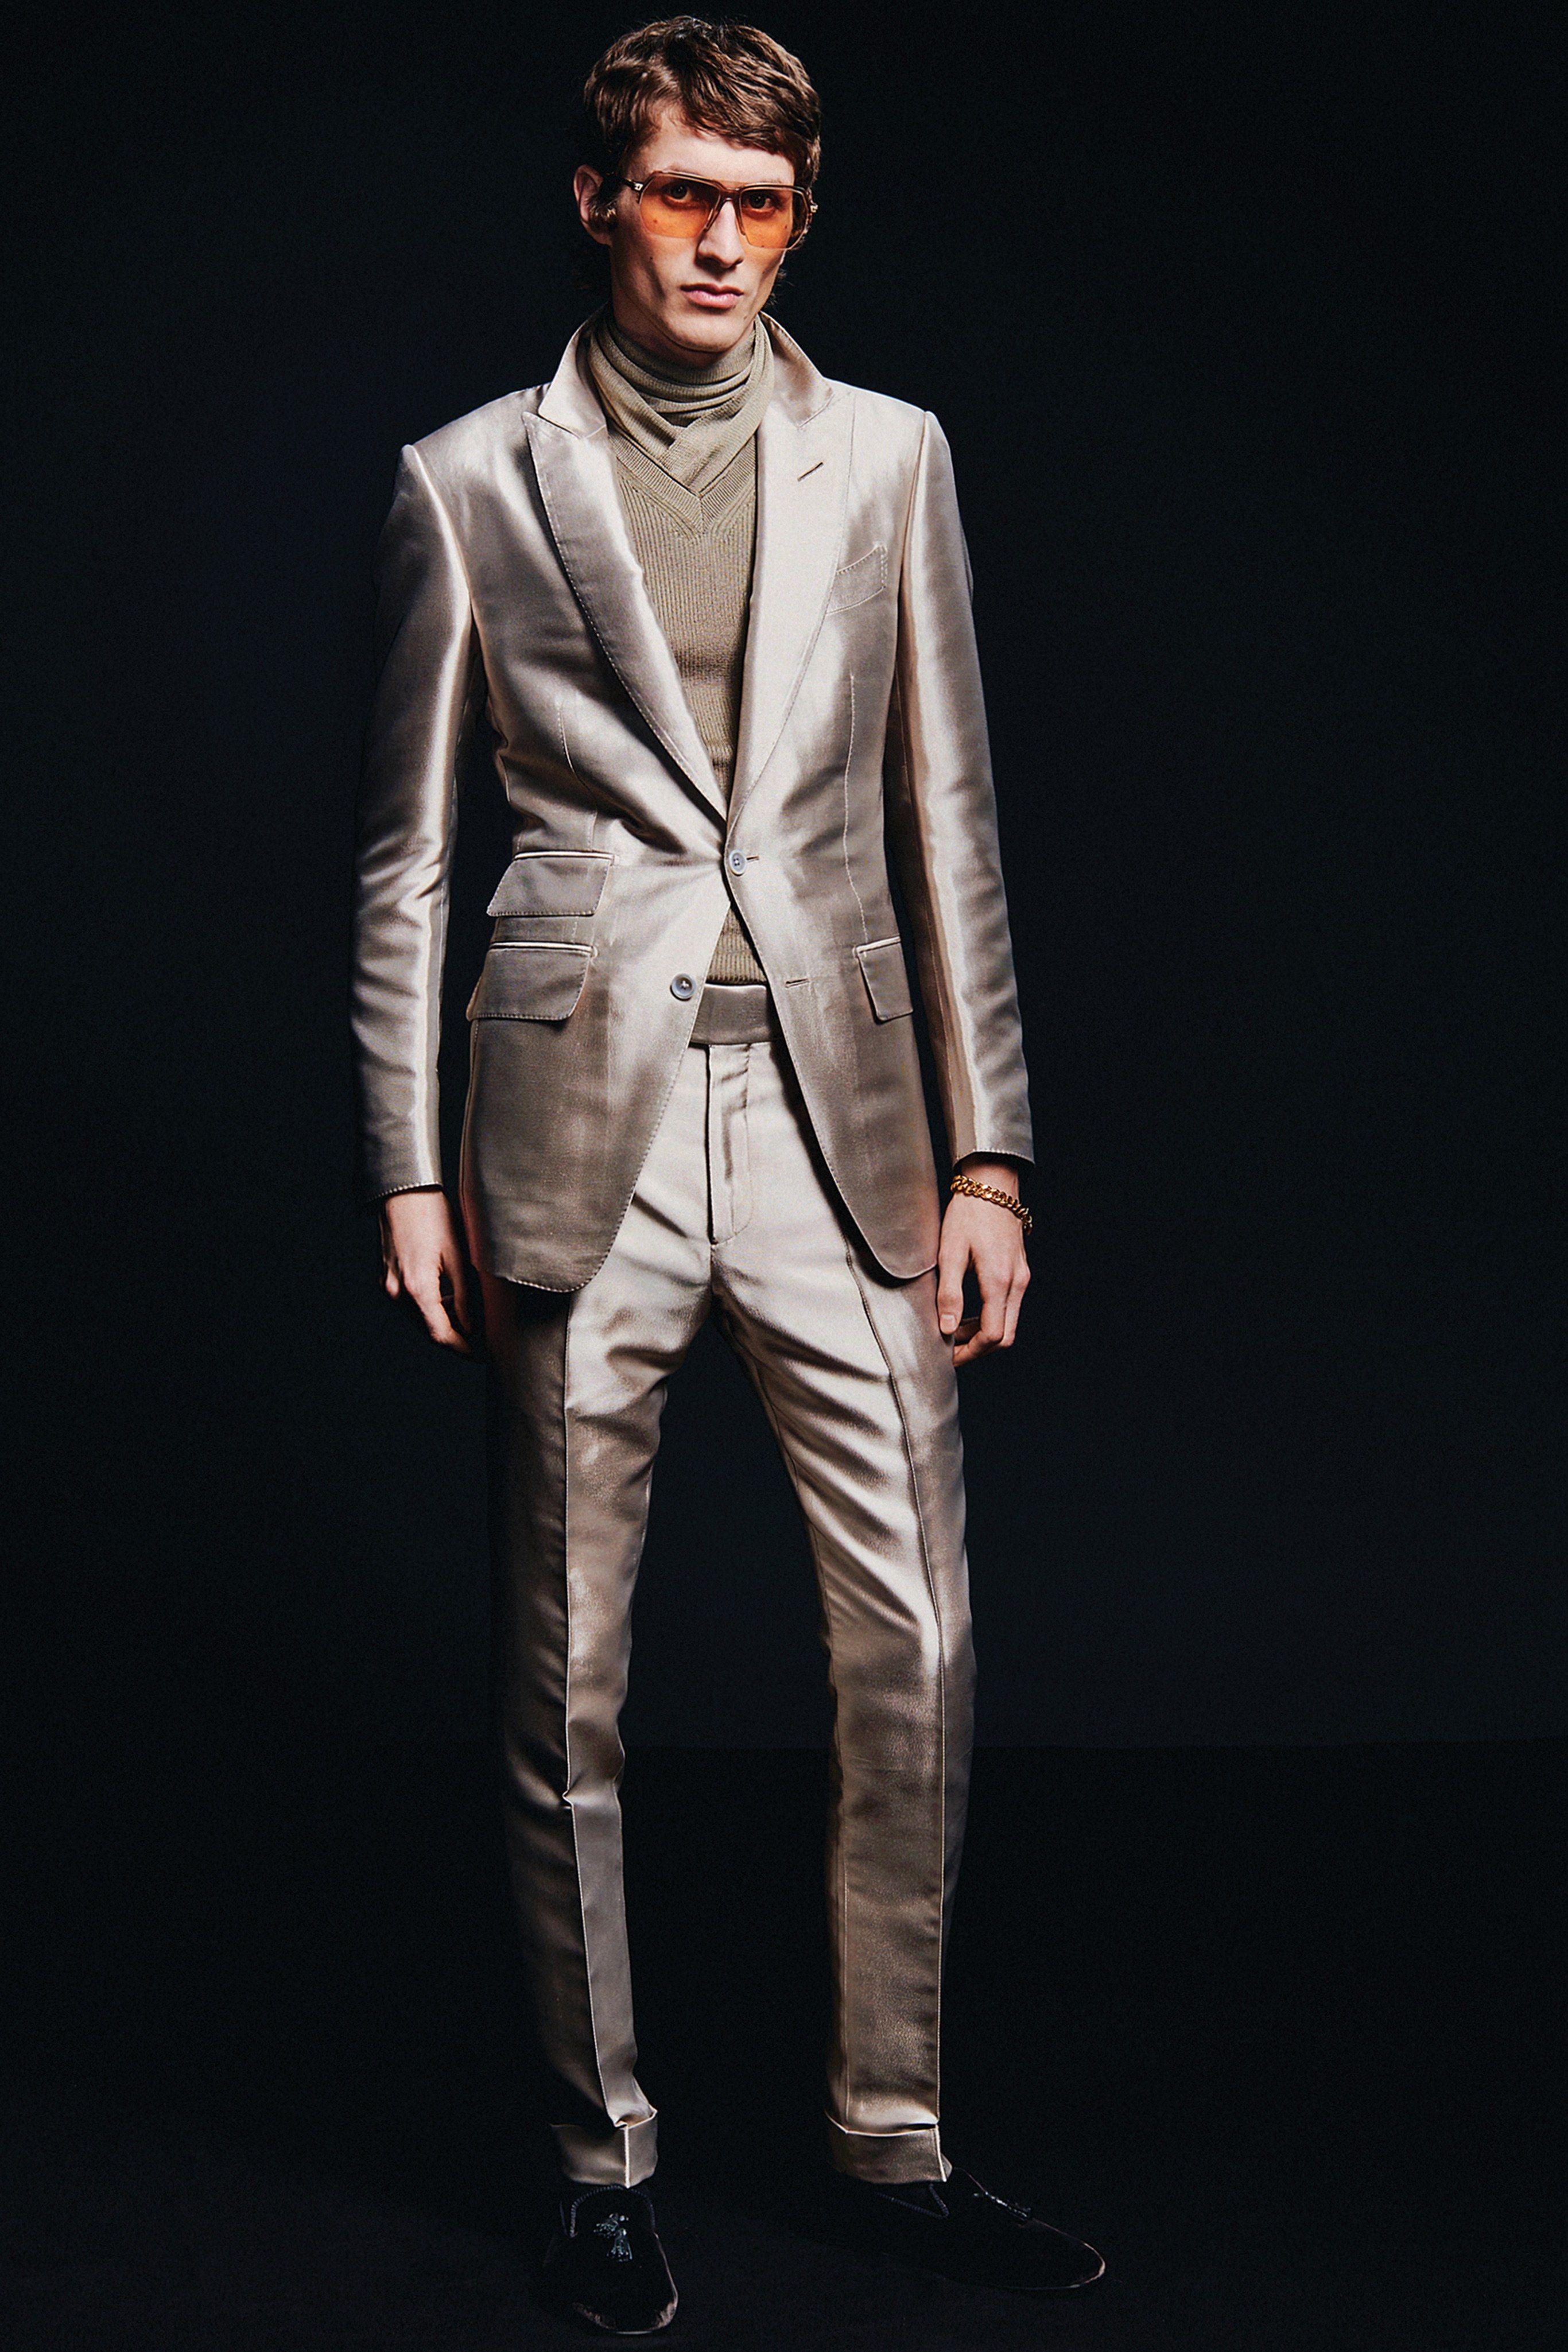 67f091a31b Tom Ford Fall 2019 Menswear Fashion Show in 2019   AW 19 TREND ...